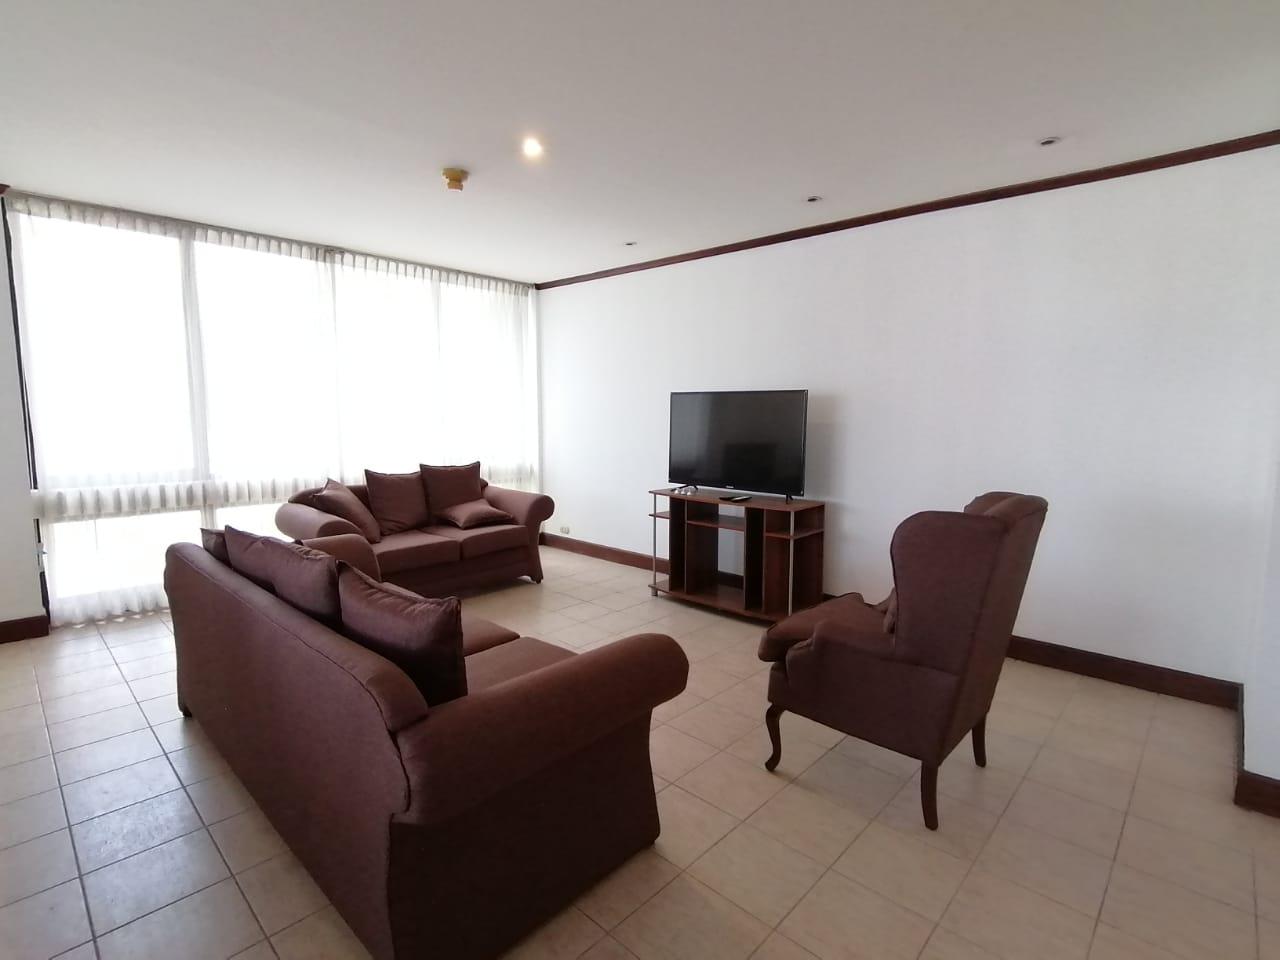 2340 Se Alquila apartamento con o sin muebles en Rohrmoser